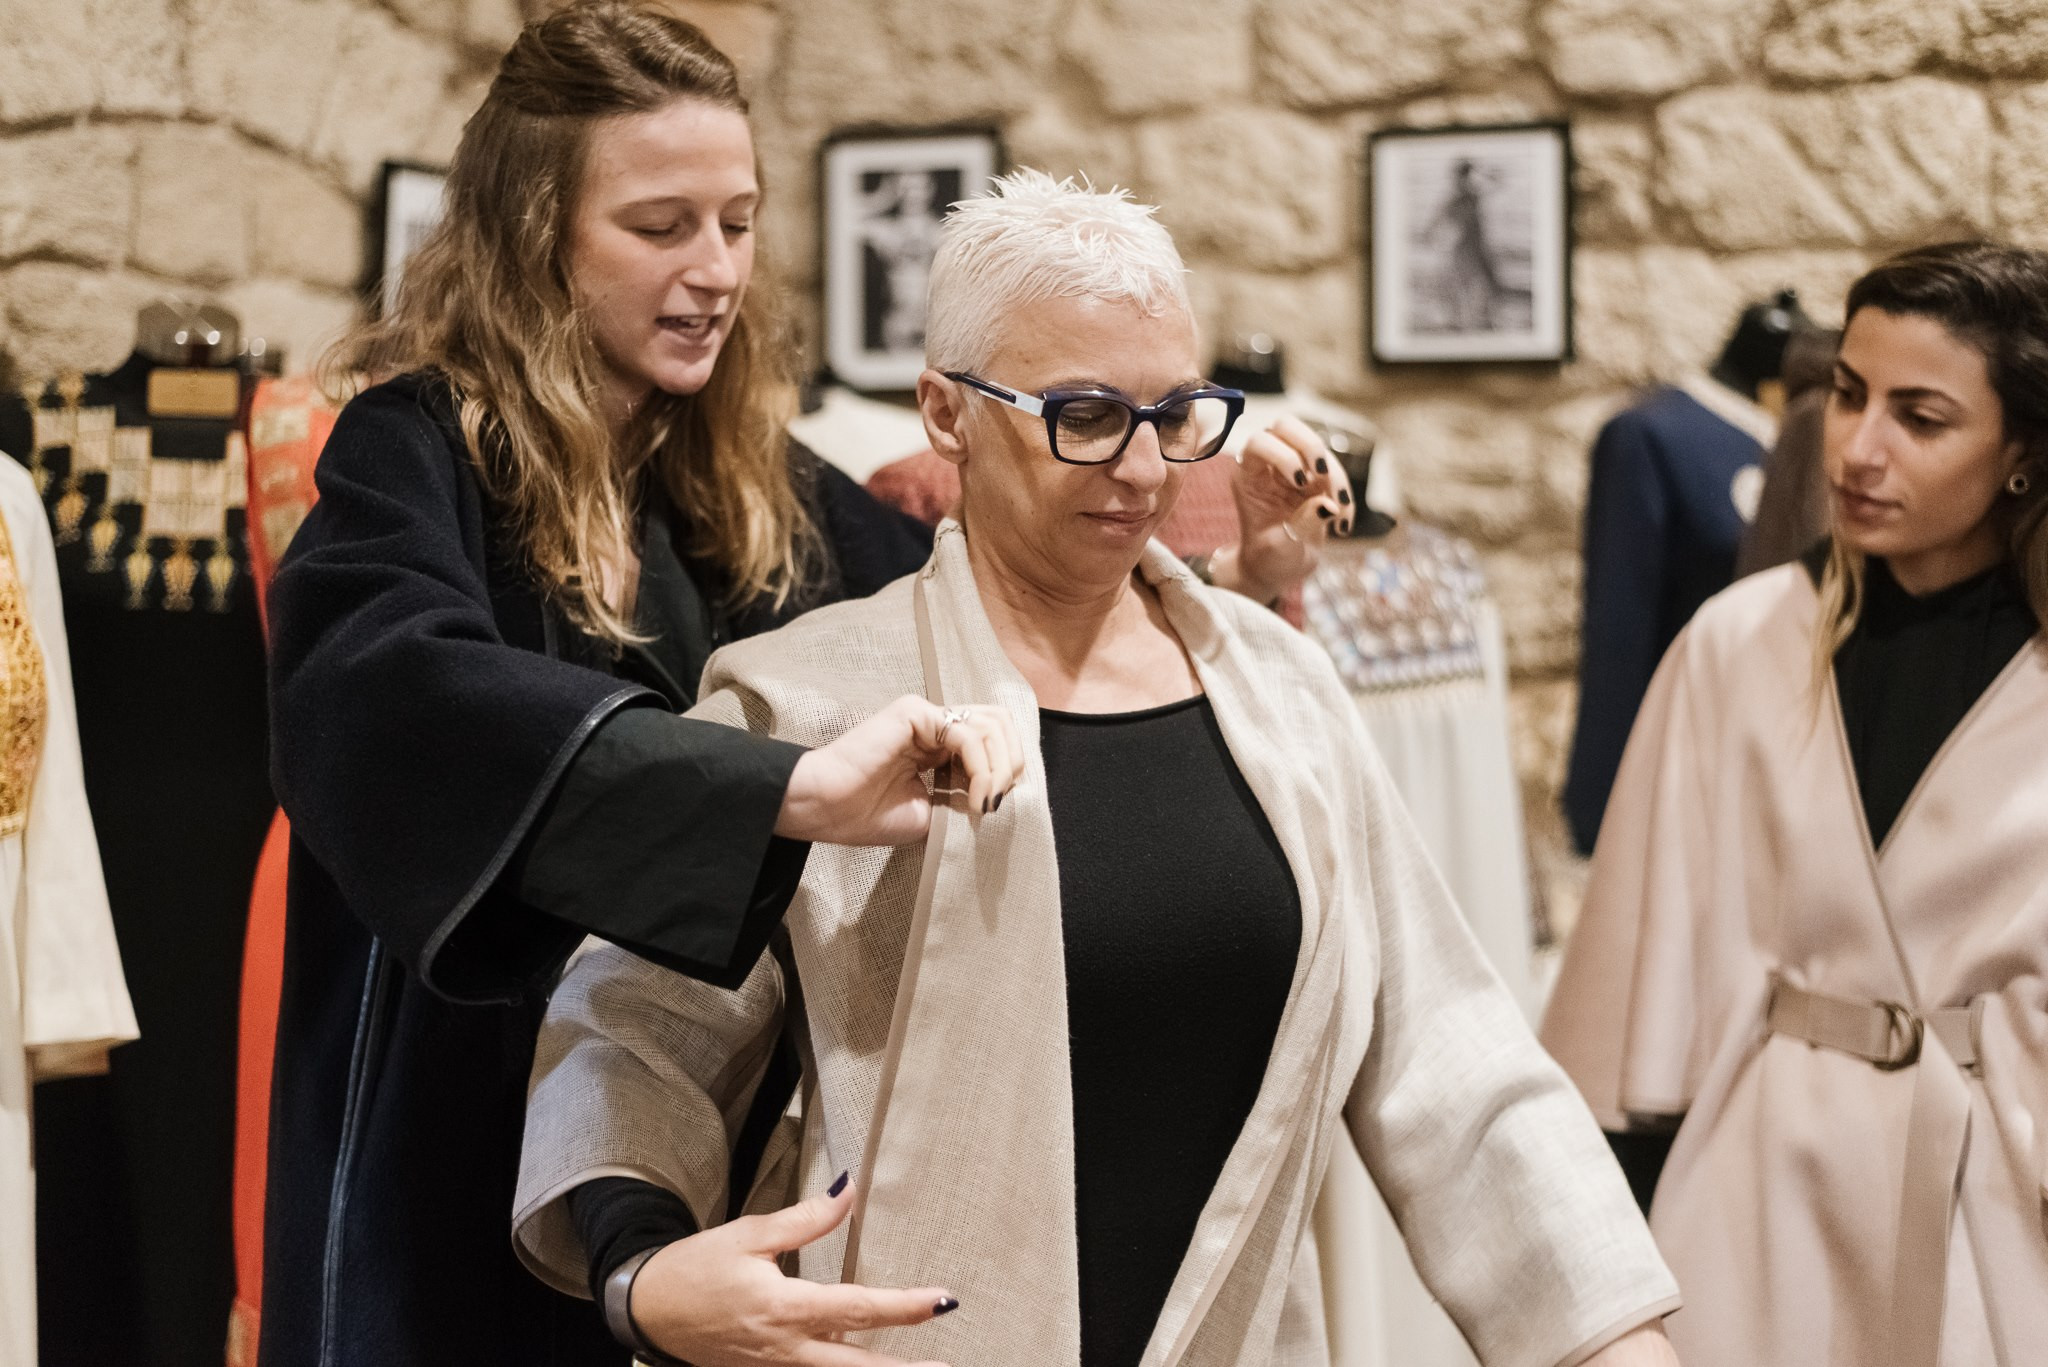 מבט עכשווי על אופנה ישראלית